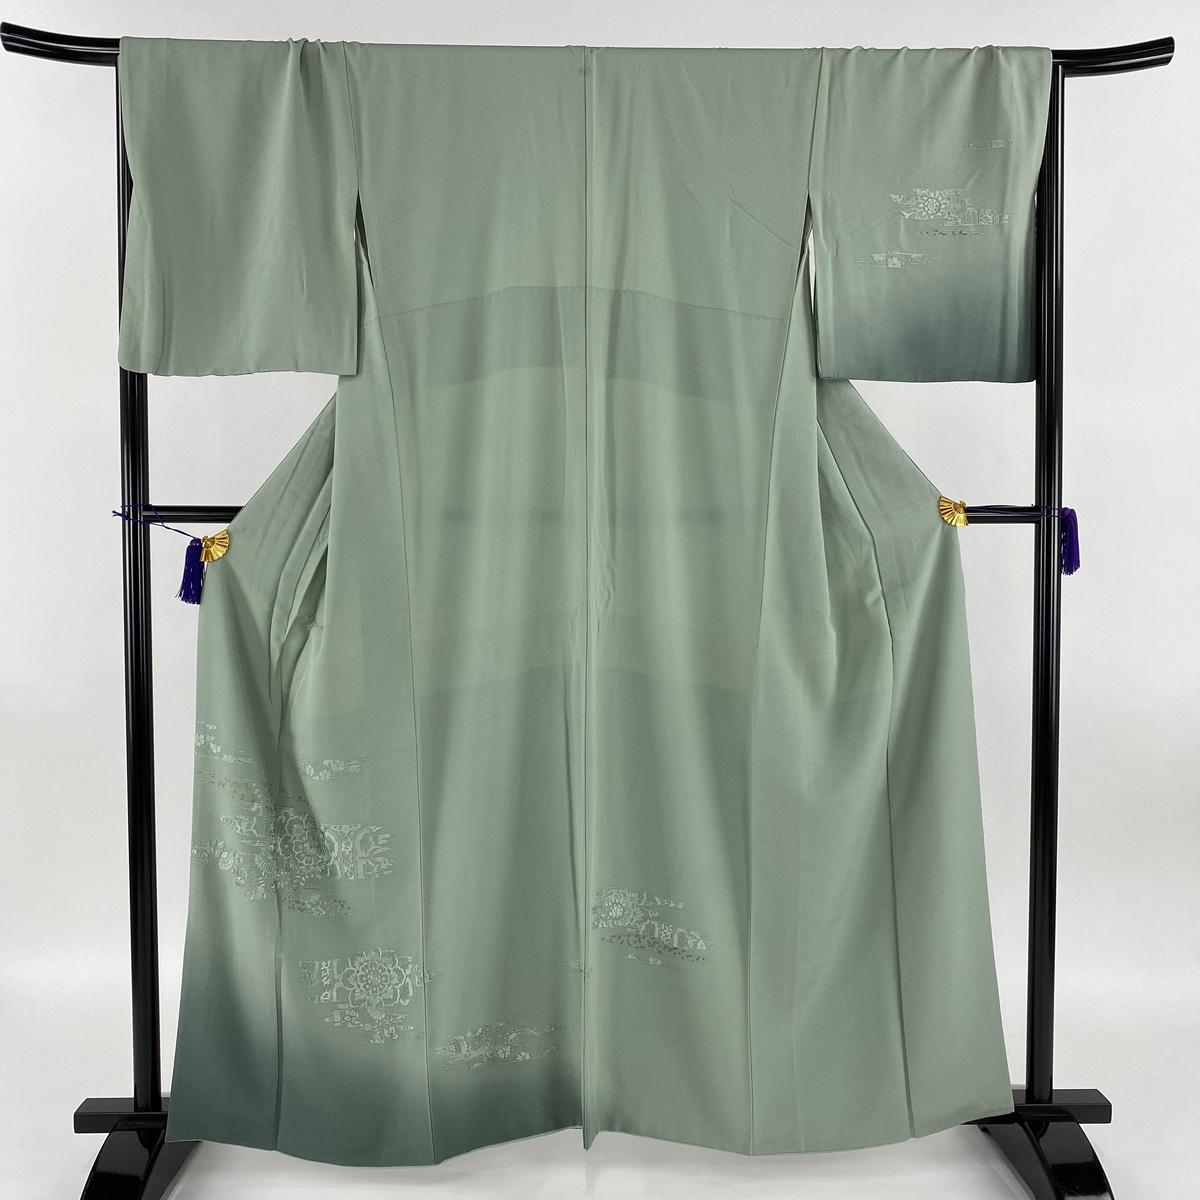 訪問着 秀品 一つ紋 華文 霞 汕頭刺繍 金糸 薄緑 袷 身丈160.5cm 裄丈68cm L 正絹 【中古】